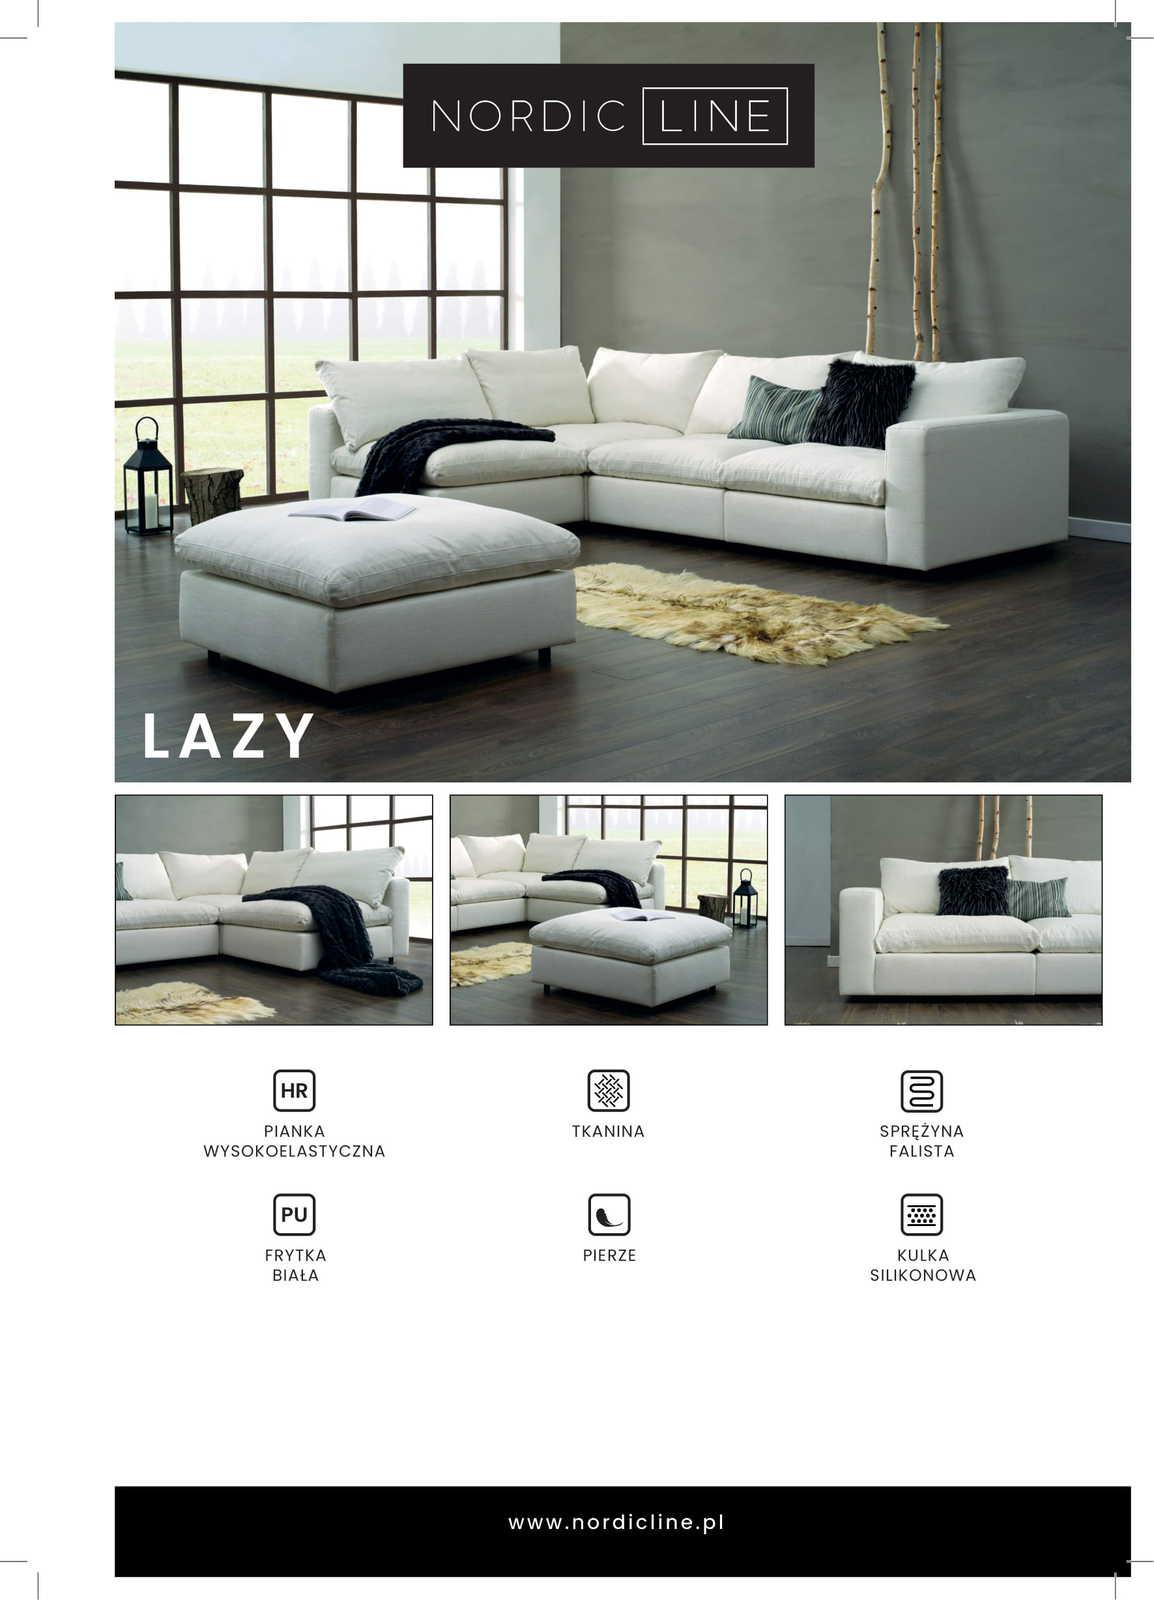 Lazy(krzywe) 1